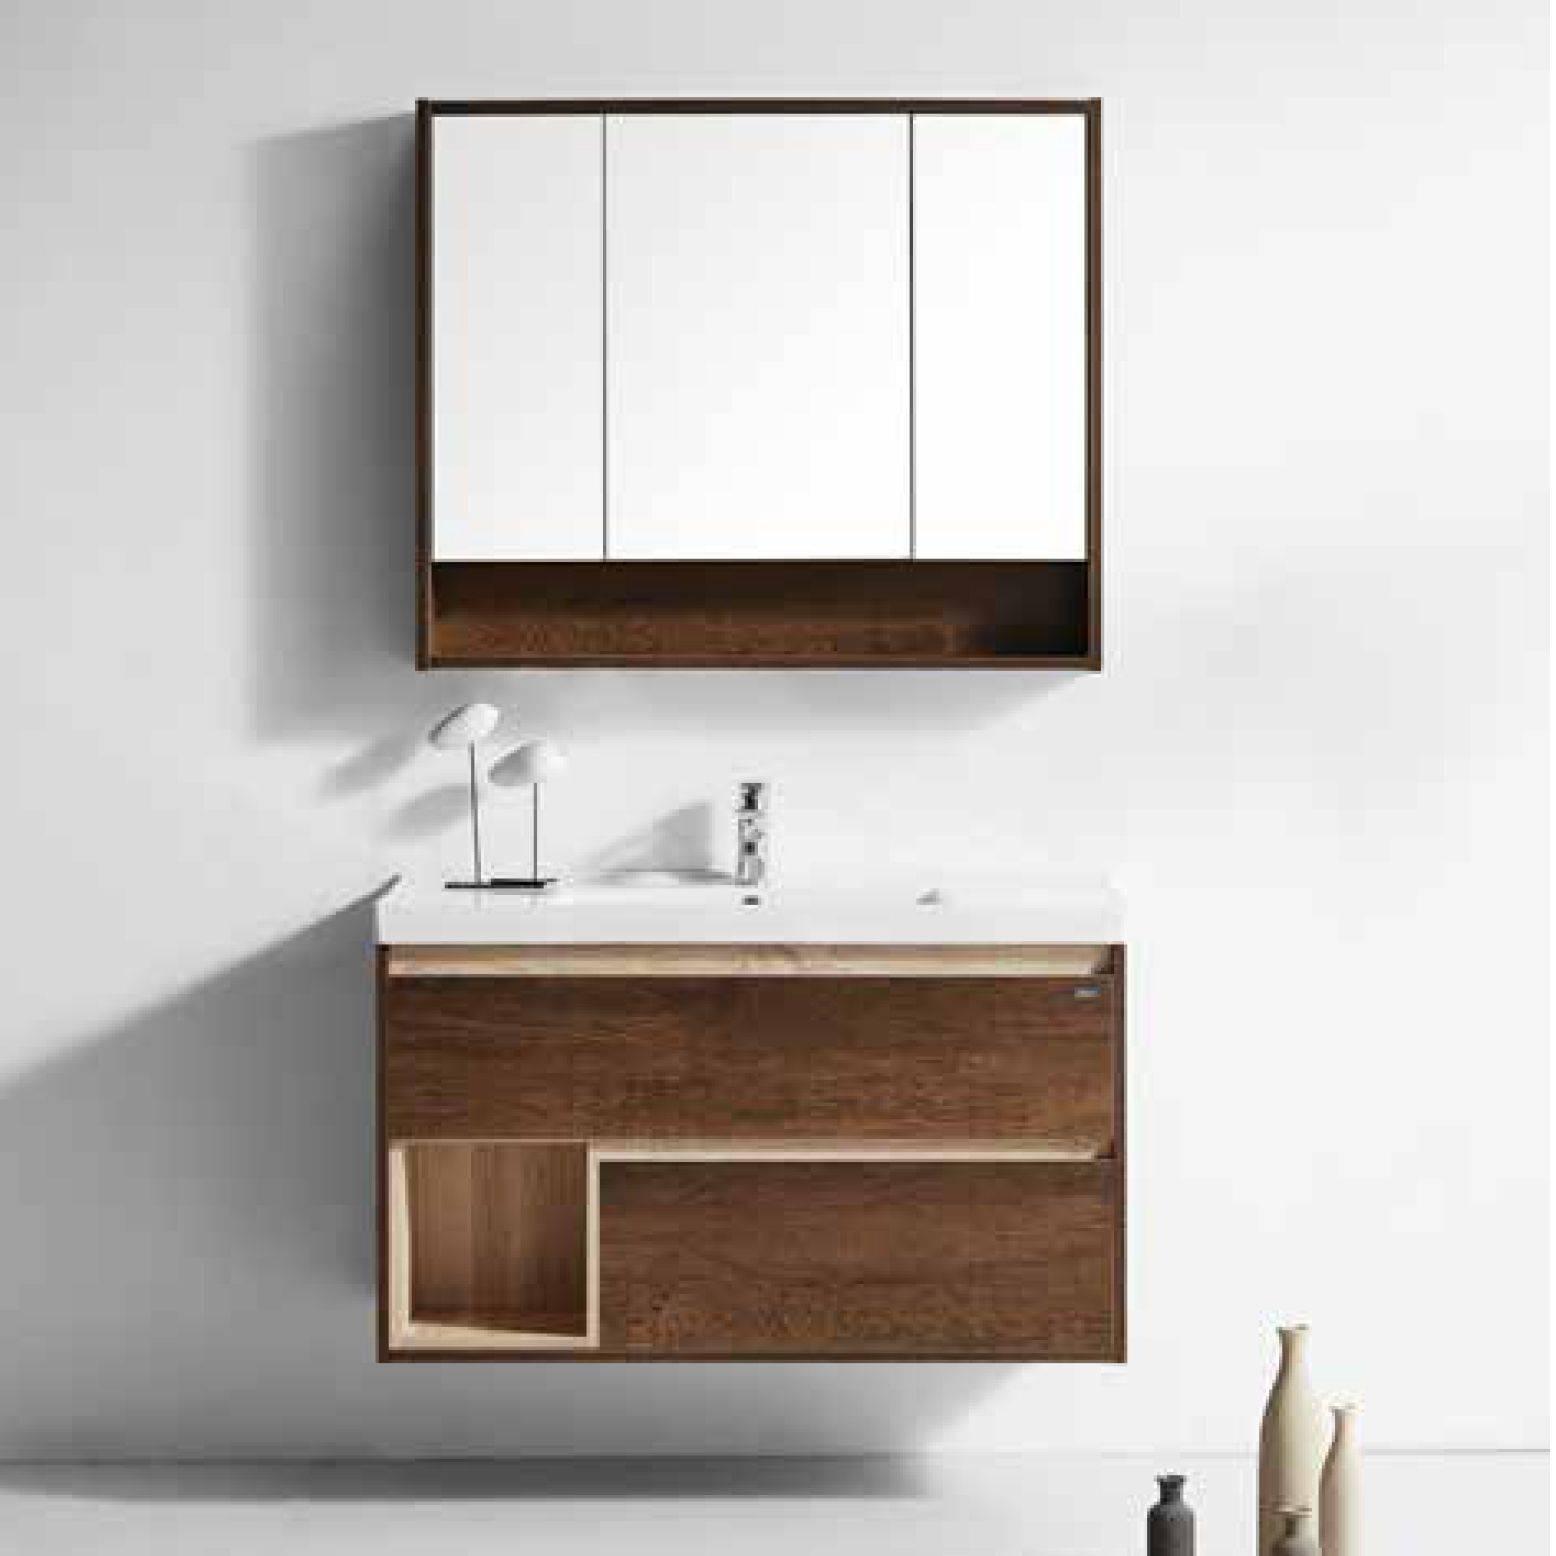 水鹿浴室柜 1610-4 北胡桃木色(购买浴室柜不含龙头和下水)